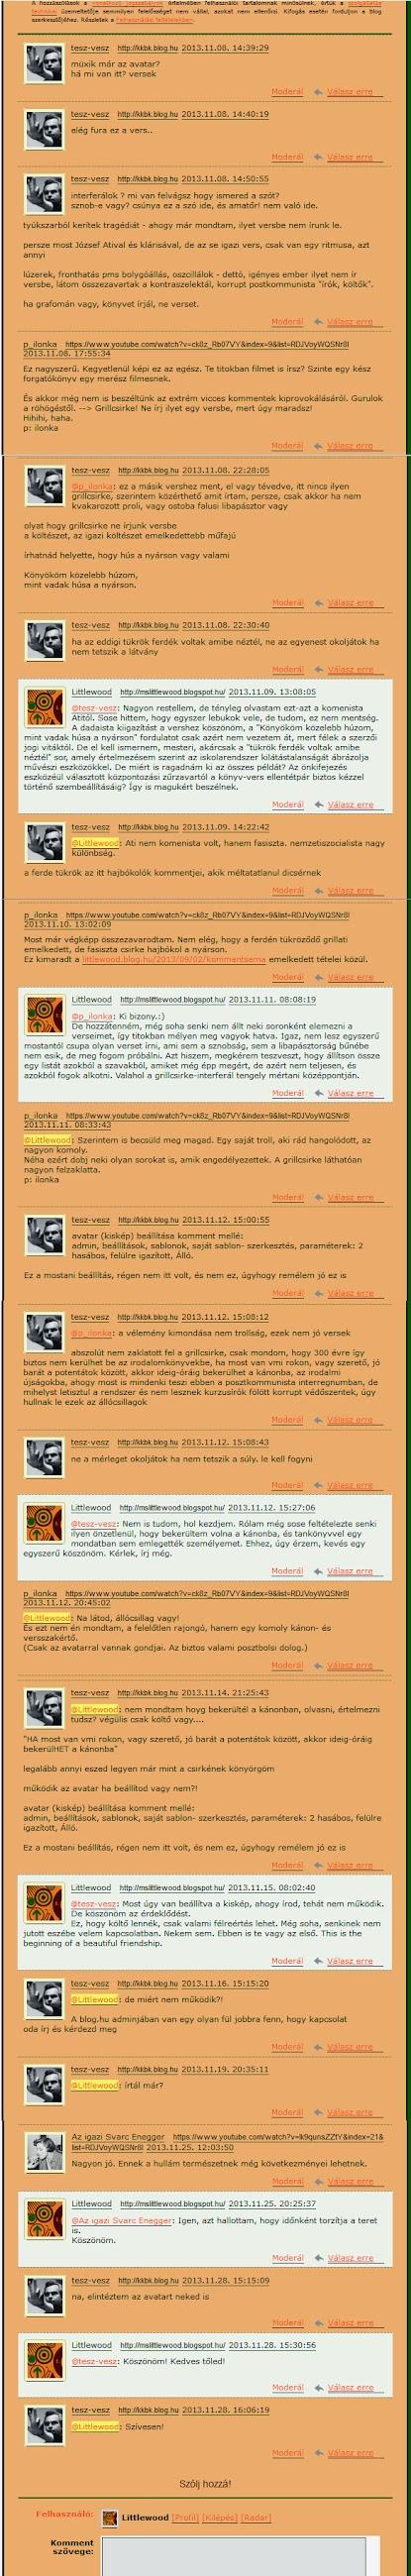 Illusztráció vershez, egy vershez érkezett troll kommentek különböző nicknevek alatt és a rájuk adott válaszok egy törölt blog felületén.